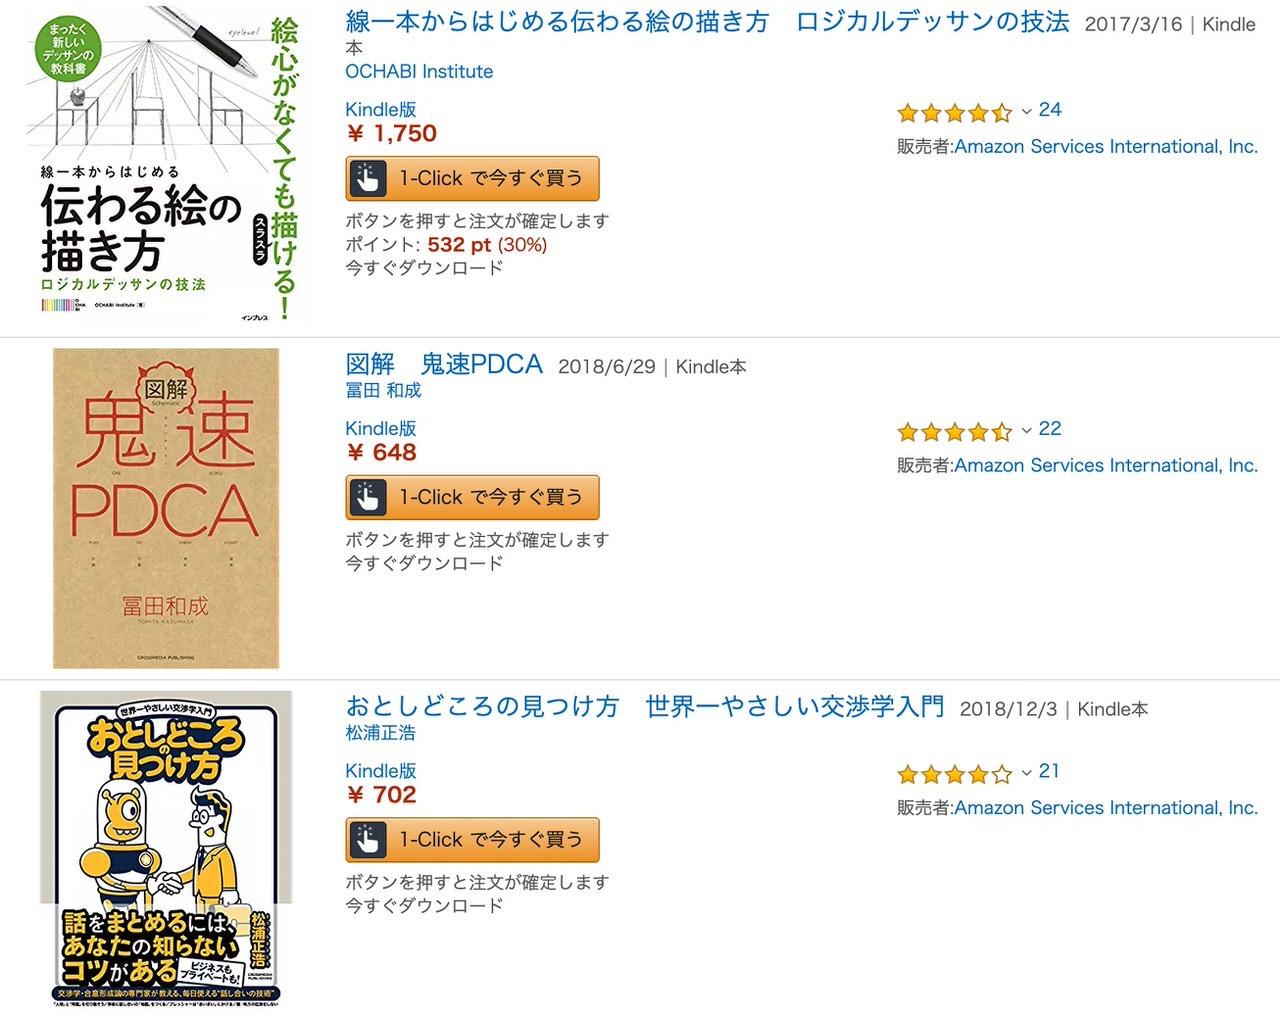 【Kindleセール】50%オフ以上も多数「ビジネスに役立つ 高レビューおすすめ書籍フェア」(6/27まで)